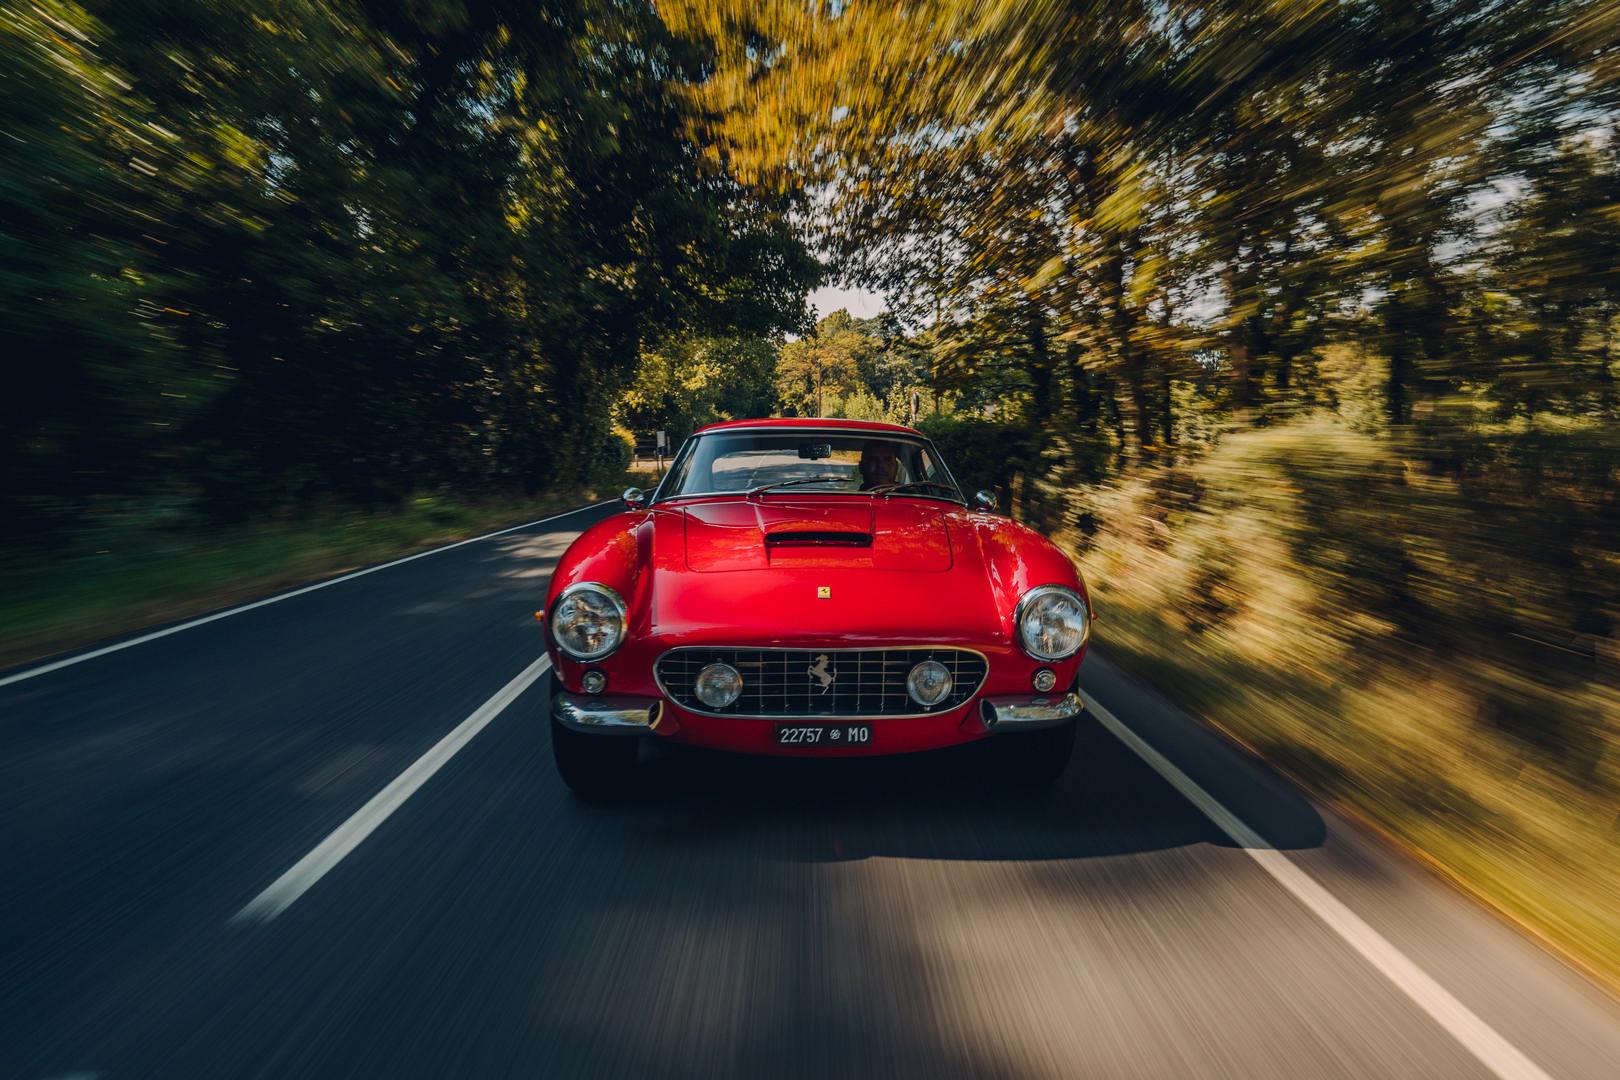 Ferrari 250 SWB Revival front